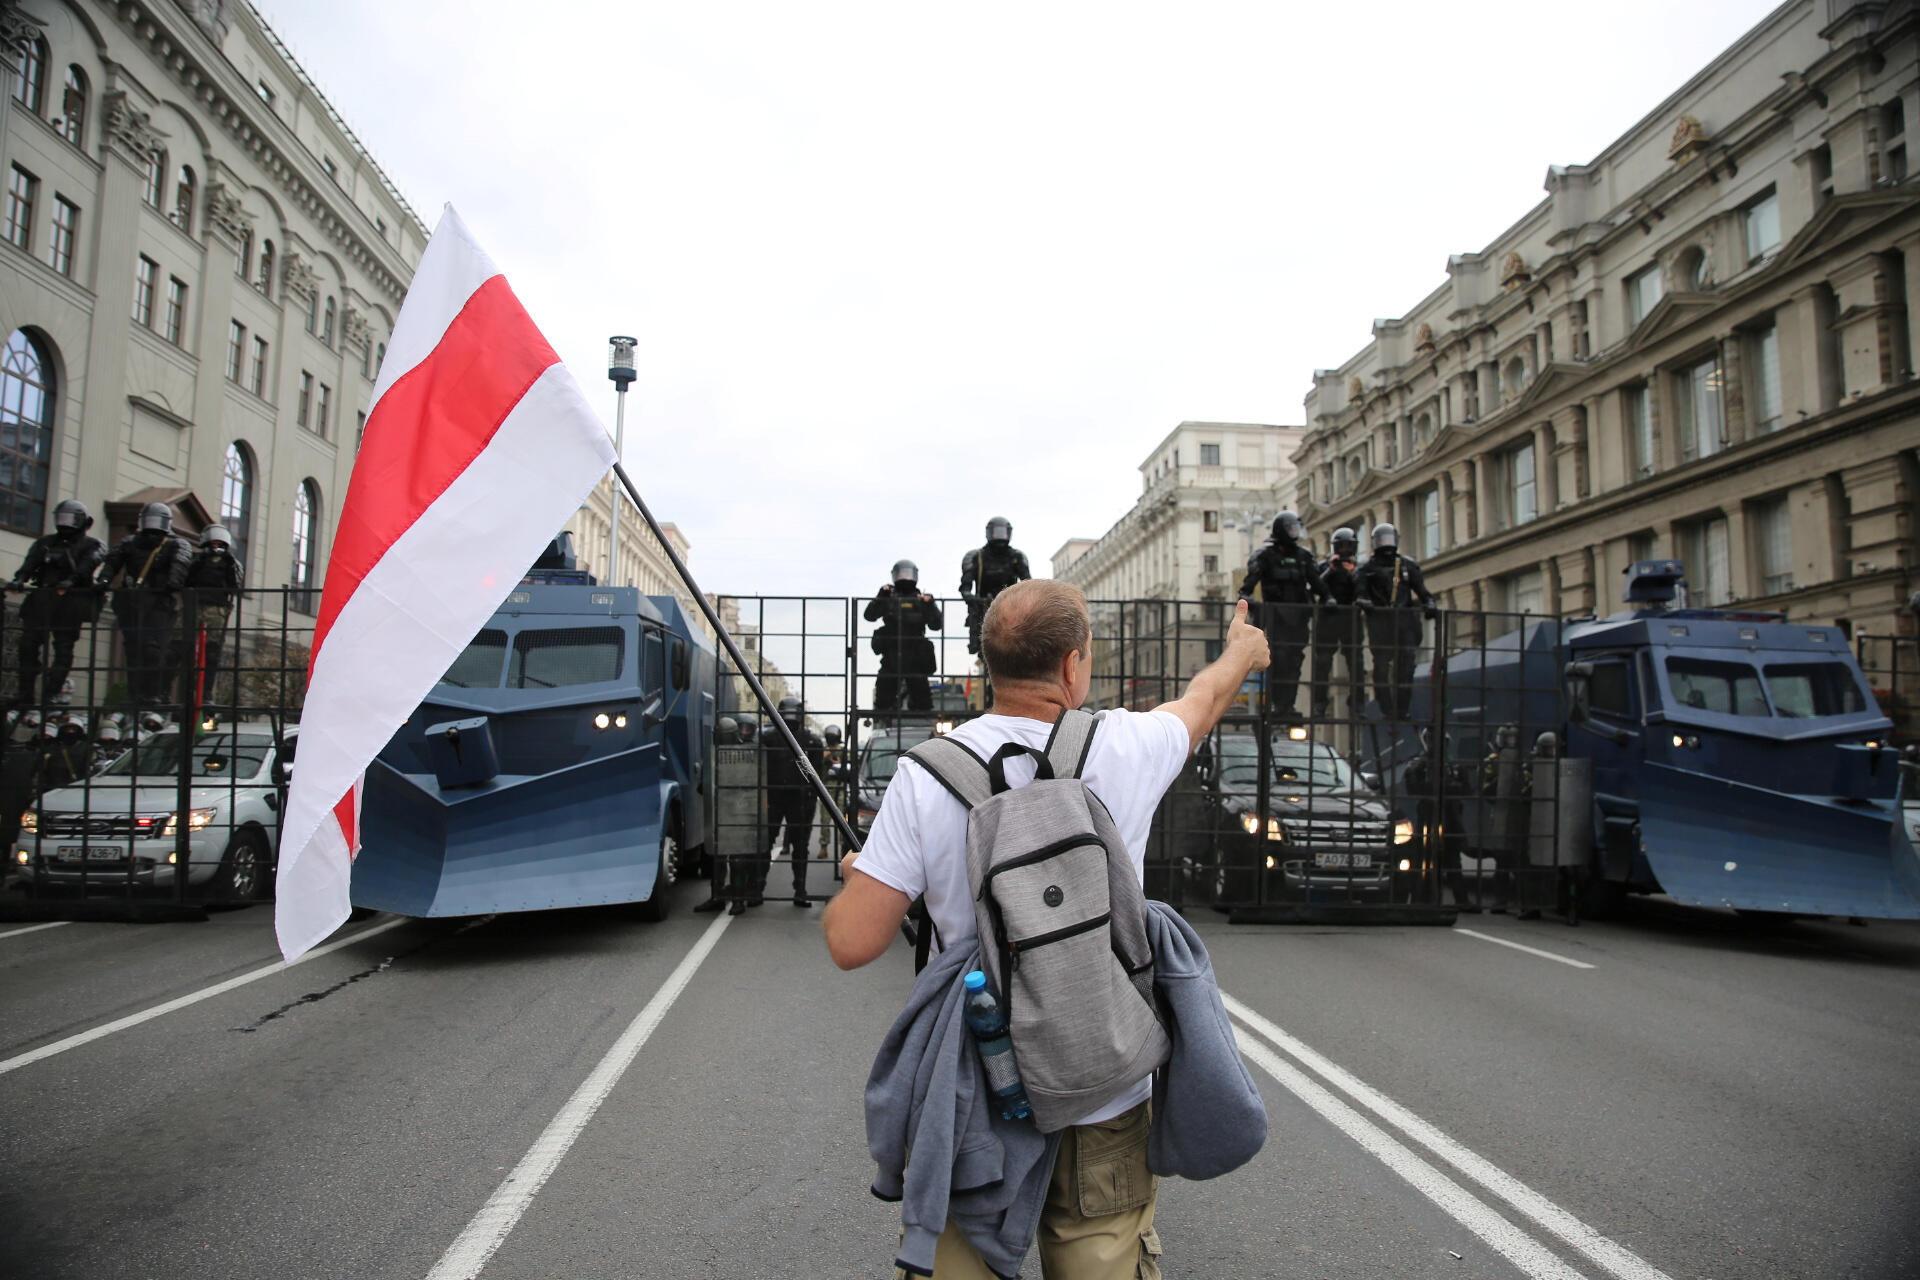 Um manifestante gesticula diante das barreiras das forças da ordem em Minsk, durante os protestos de  domingo 6 de Setembro de 2020, na Bielorrússia.